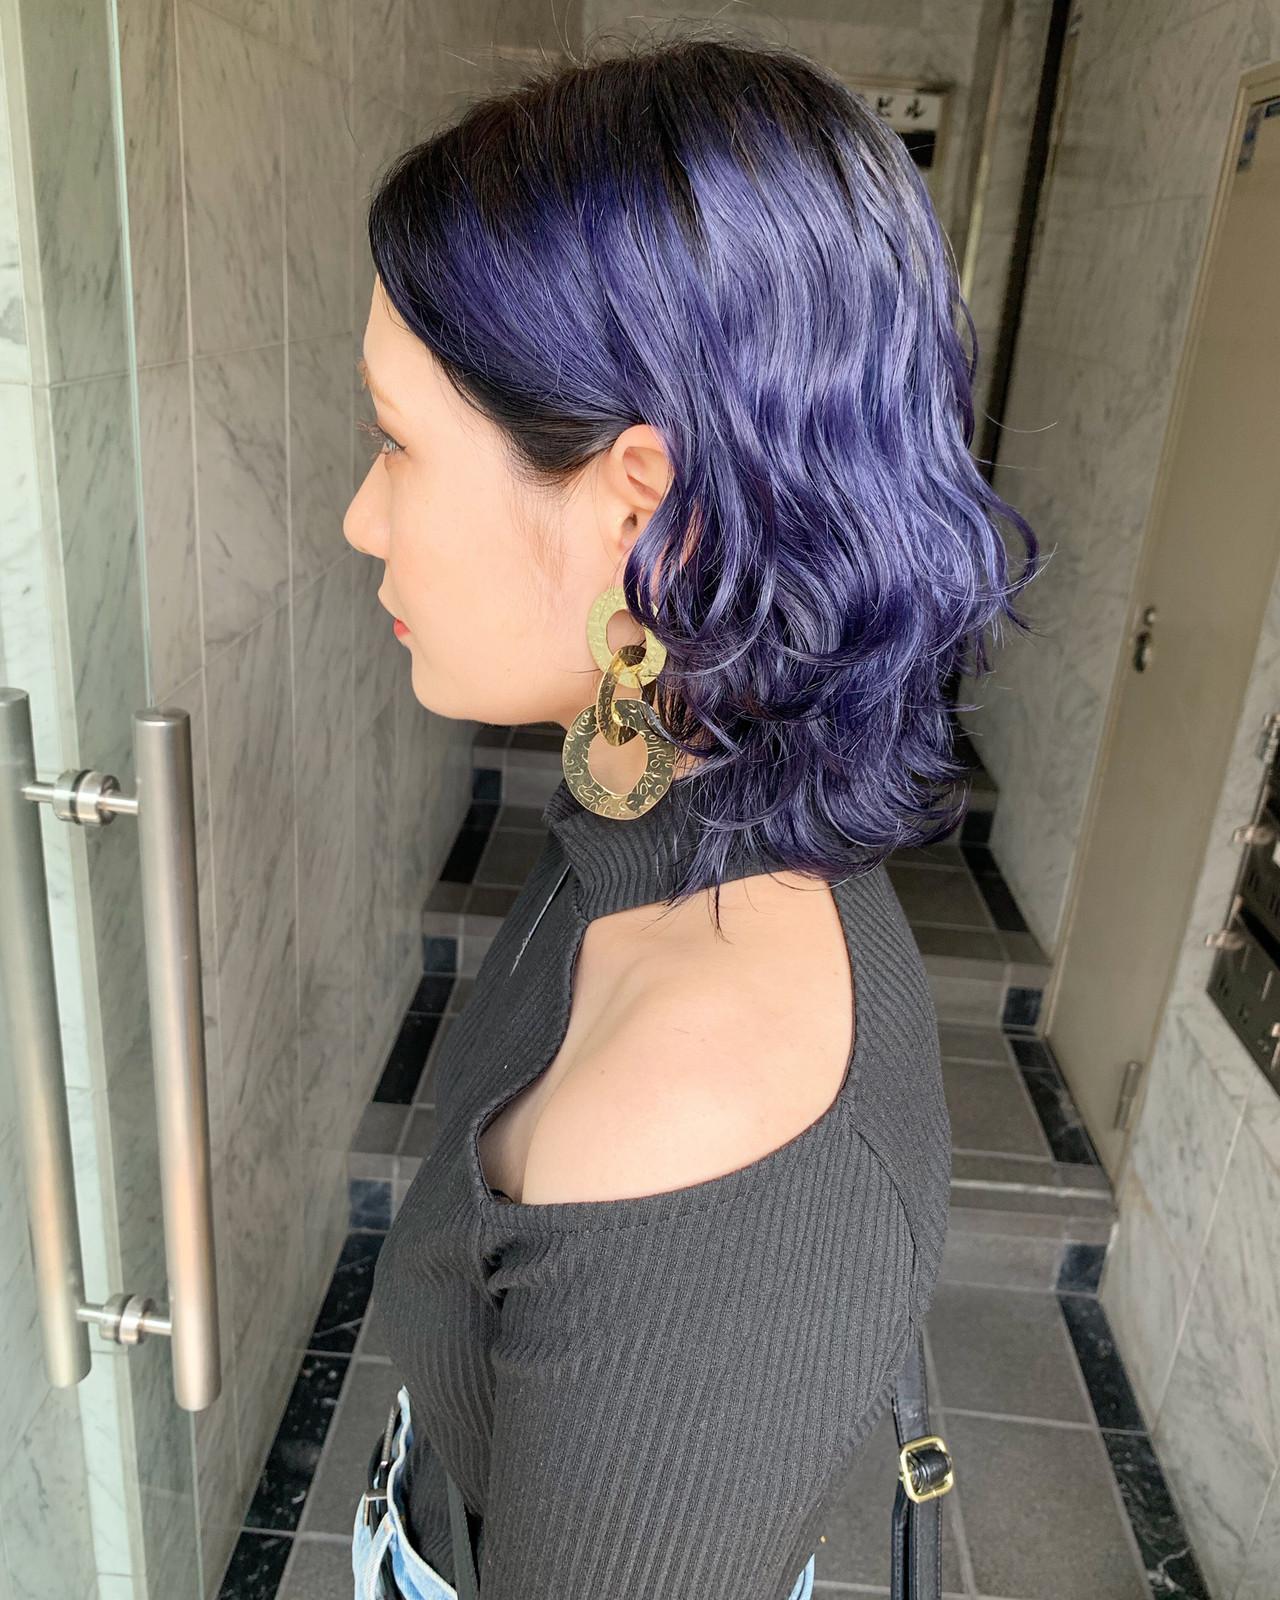 ミルクティー ストリート 韓国ヘア 透明感カラー ヘアスタイルや髪型の写真・画像 | yoshiki / chainon 梅田店